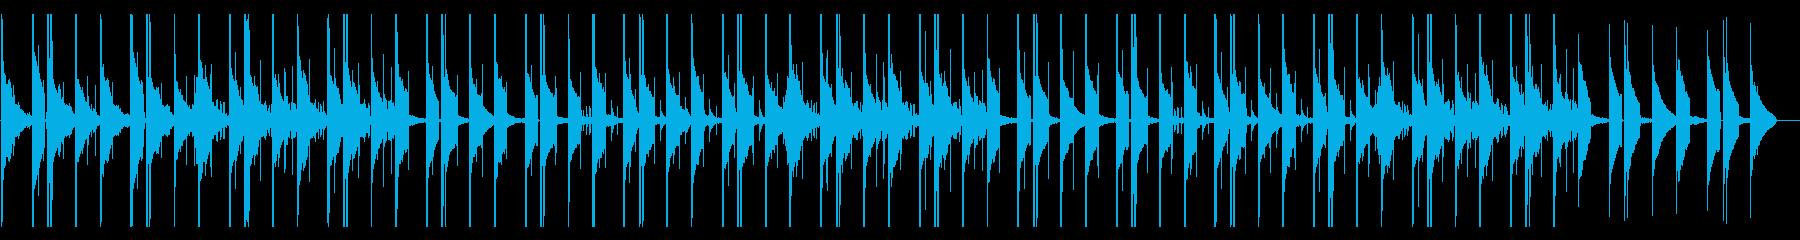 R&B チルアウト ネオンの再生済みの波形